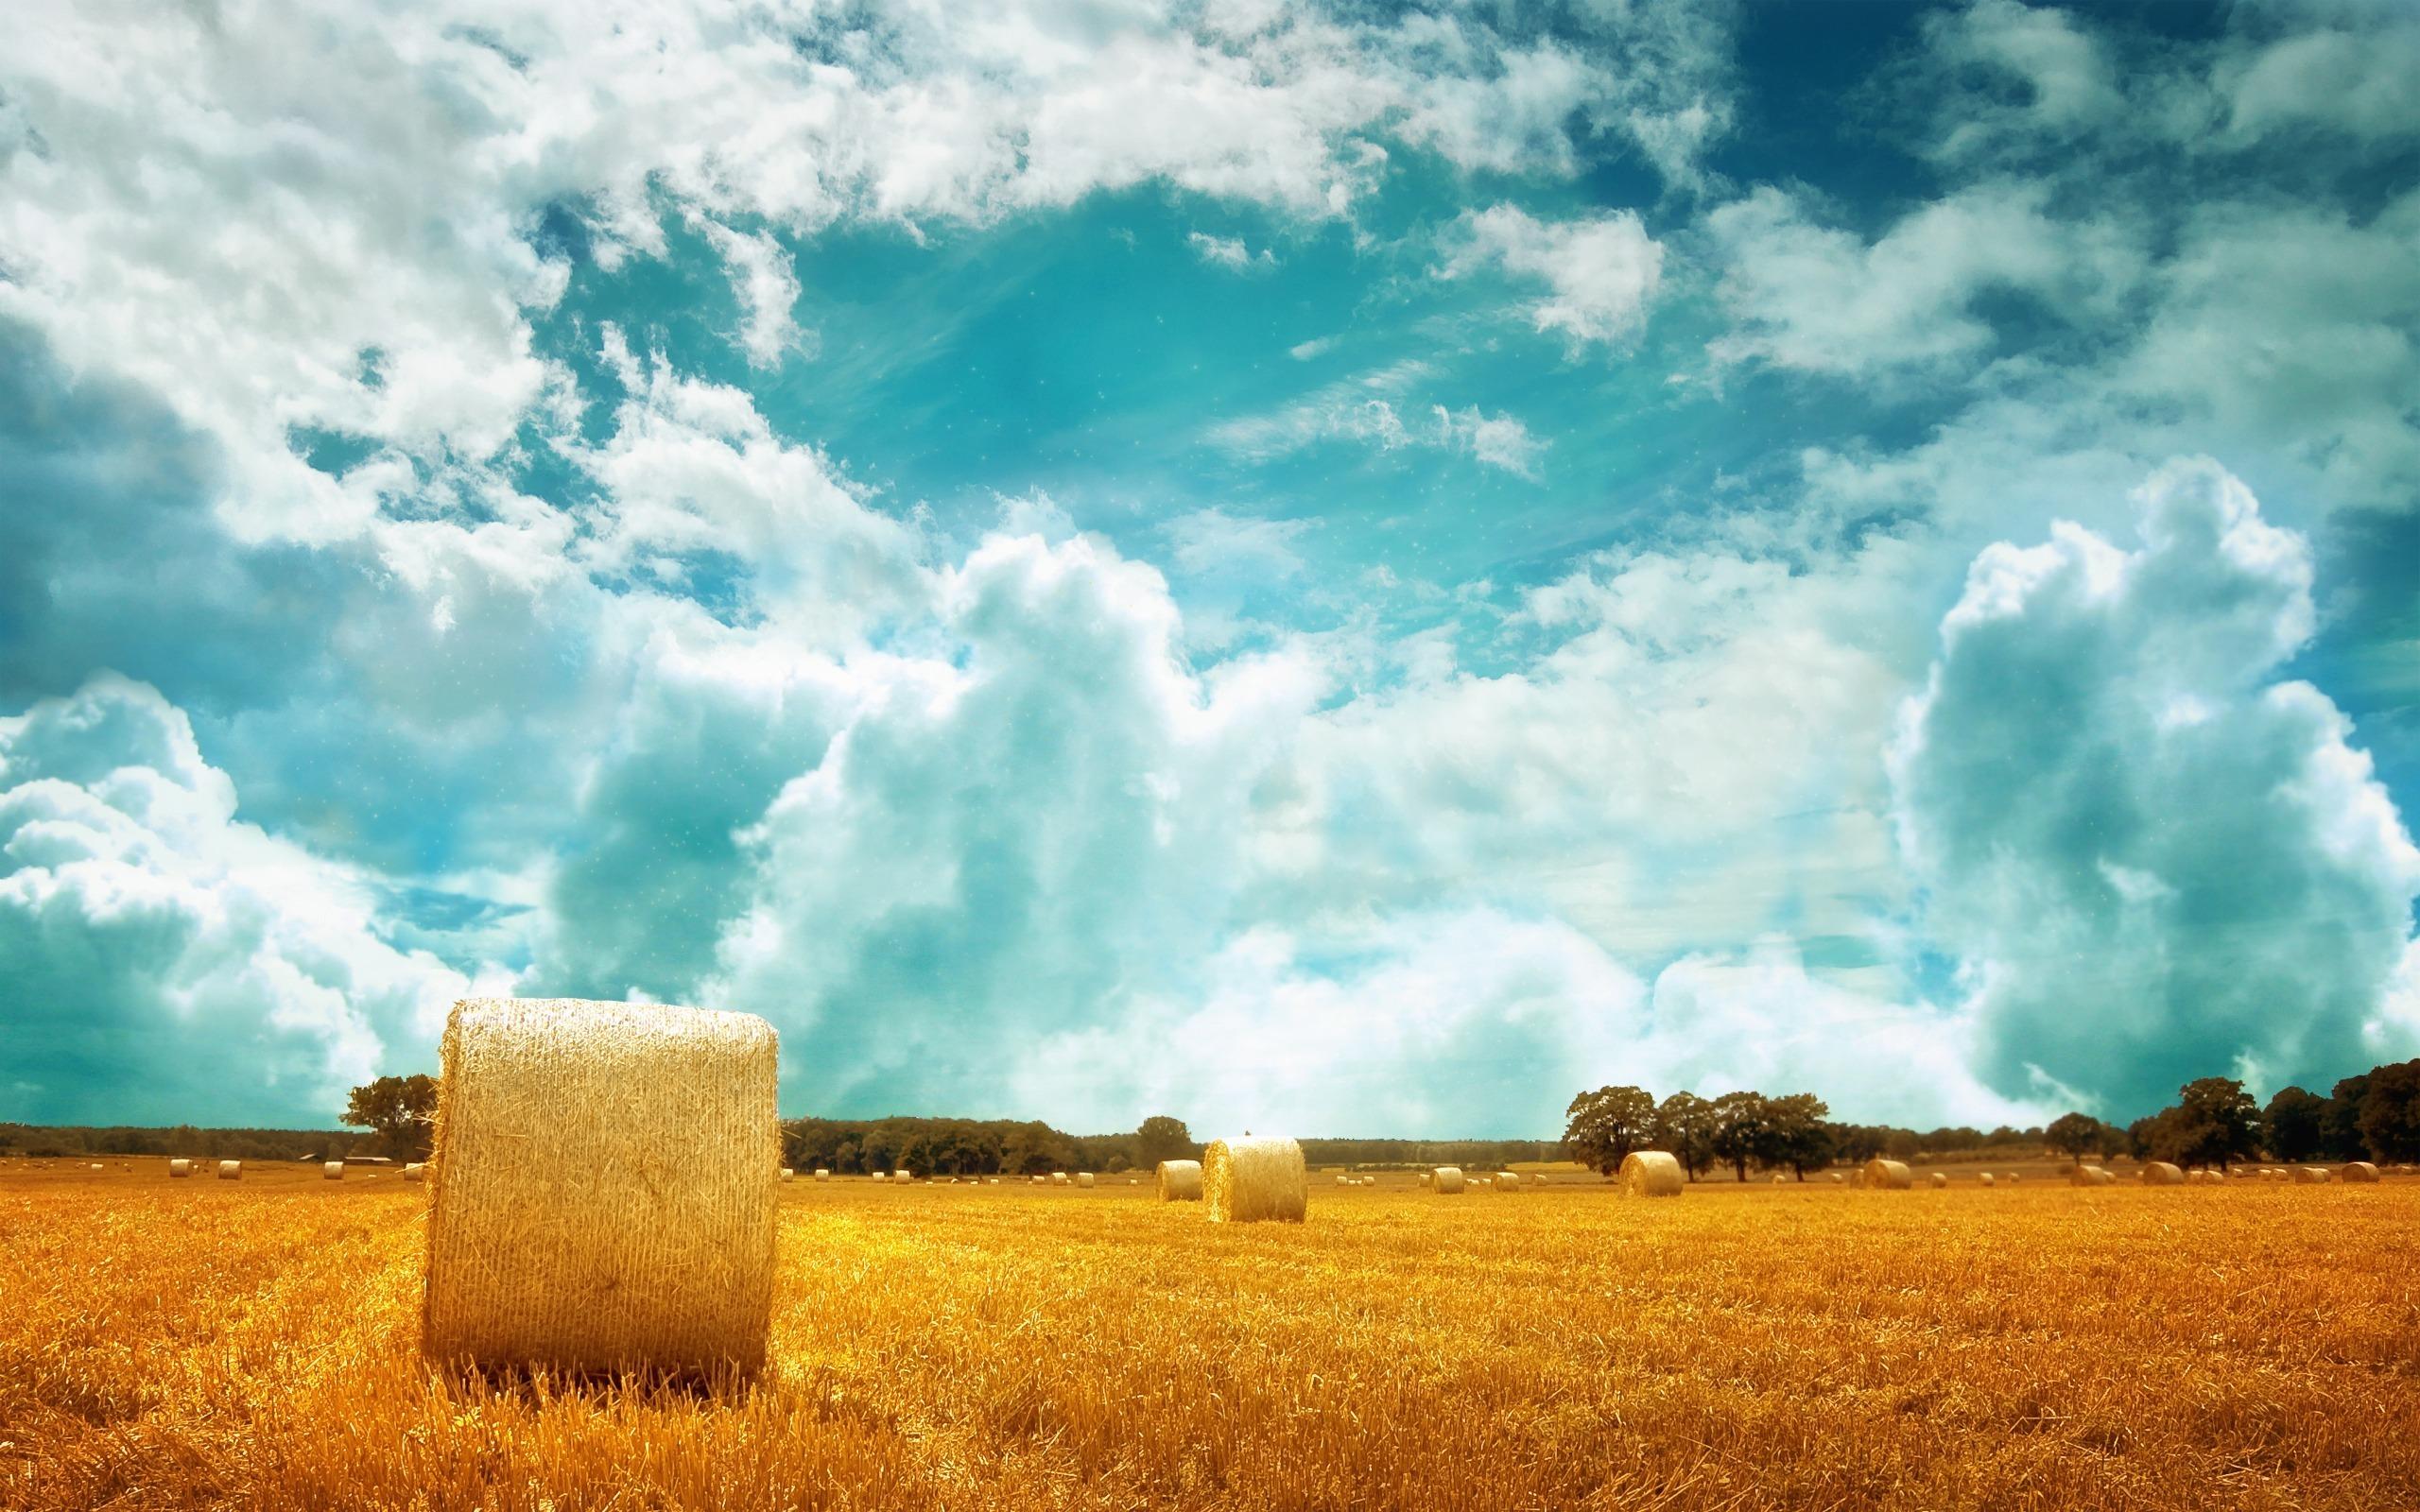 природа поле горизонт  № 3896451 бесплатно